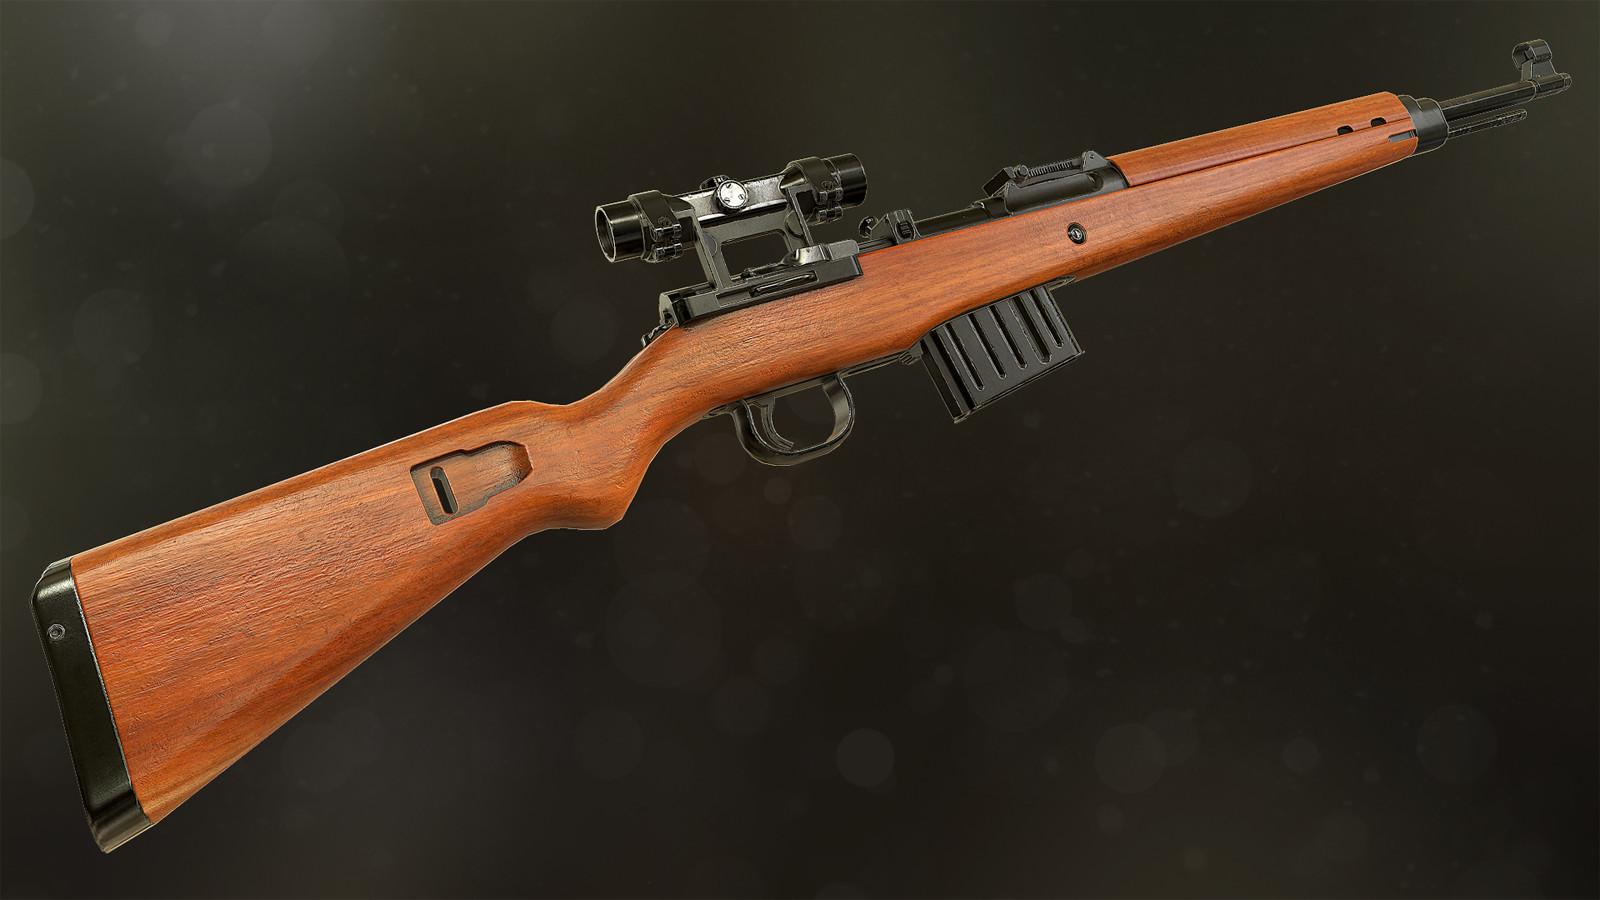 Sebastian Fijał Gewehr 43 Sniper Rifle